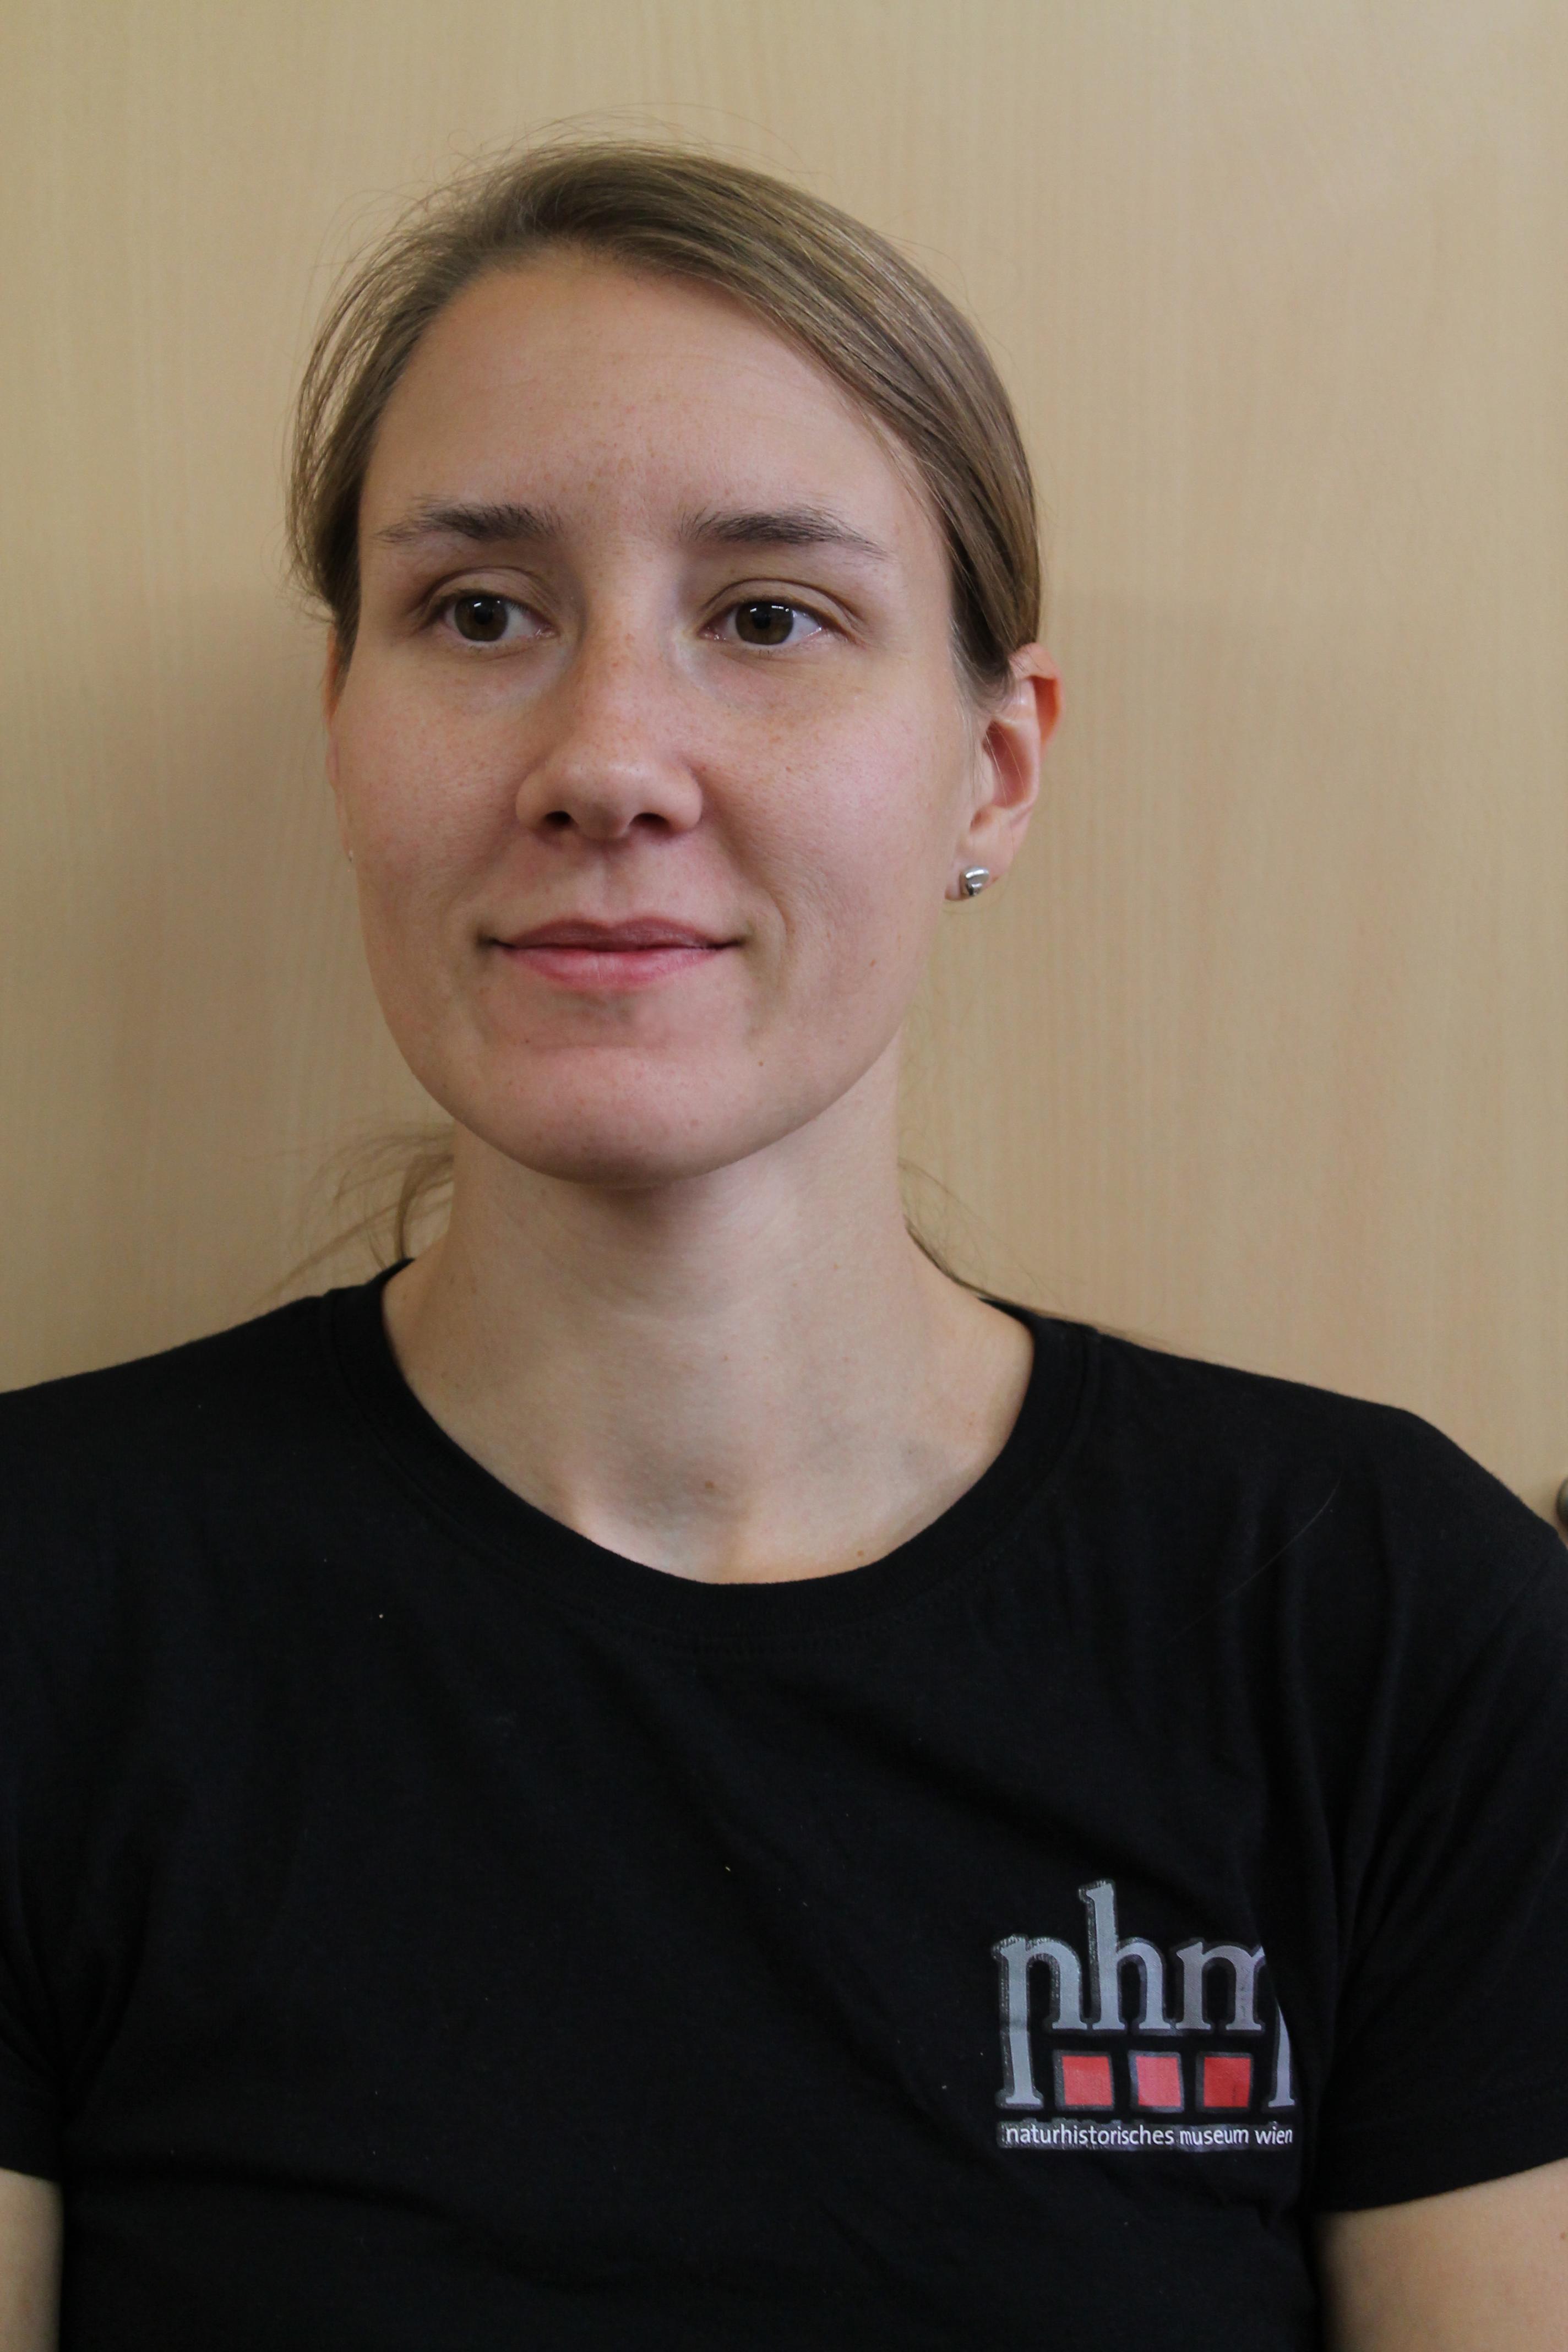 Naturhistorisches Museum Wien Staff Nathalie Wallner